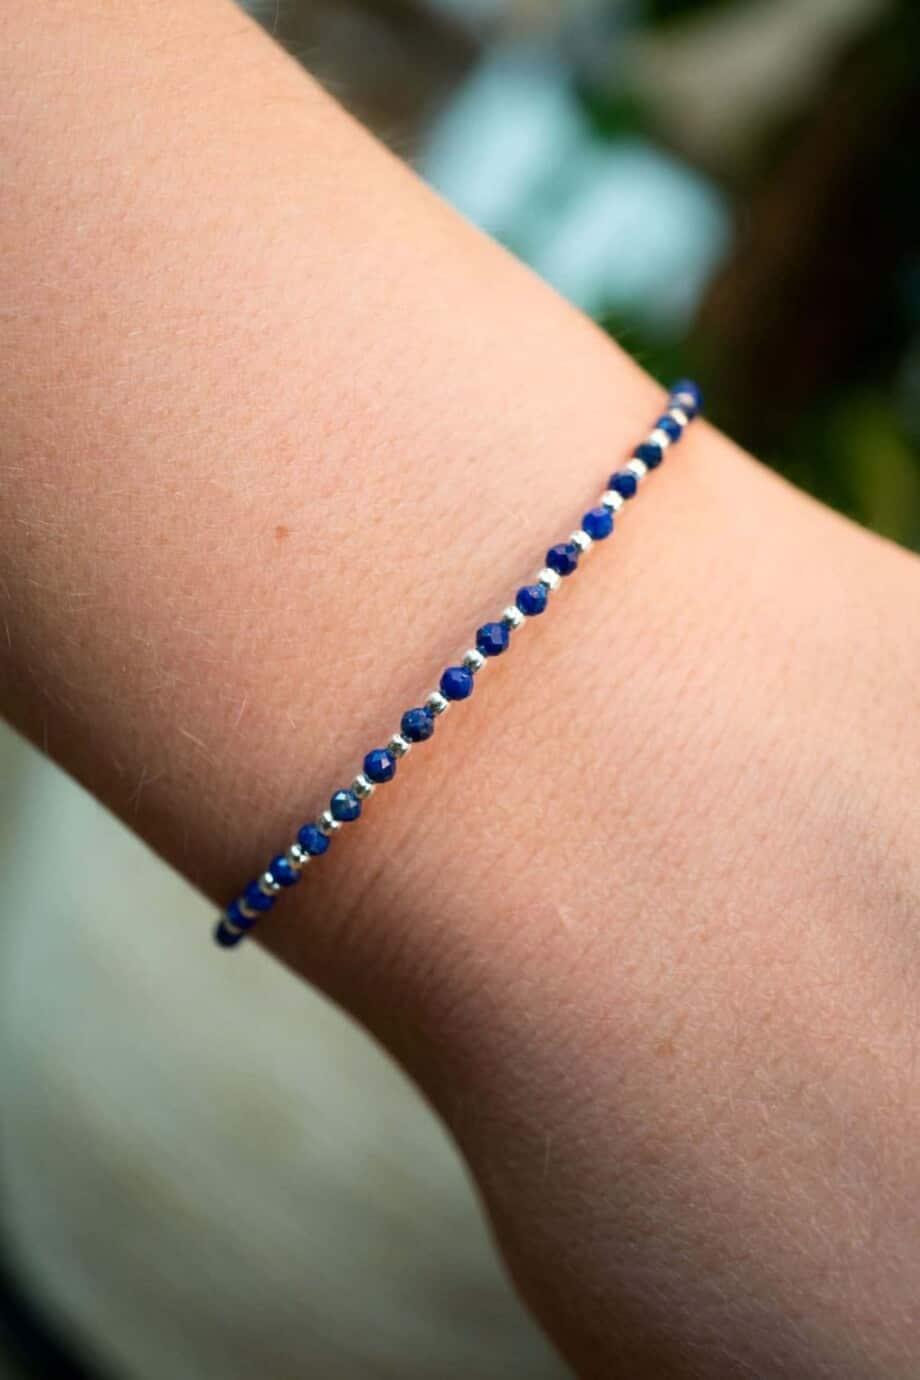 Handgemaakte Zilveren armband met blauwe Lapis Lazuli edelsteen